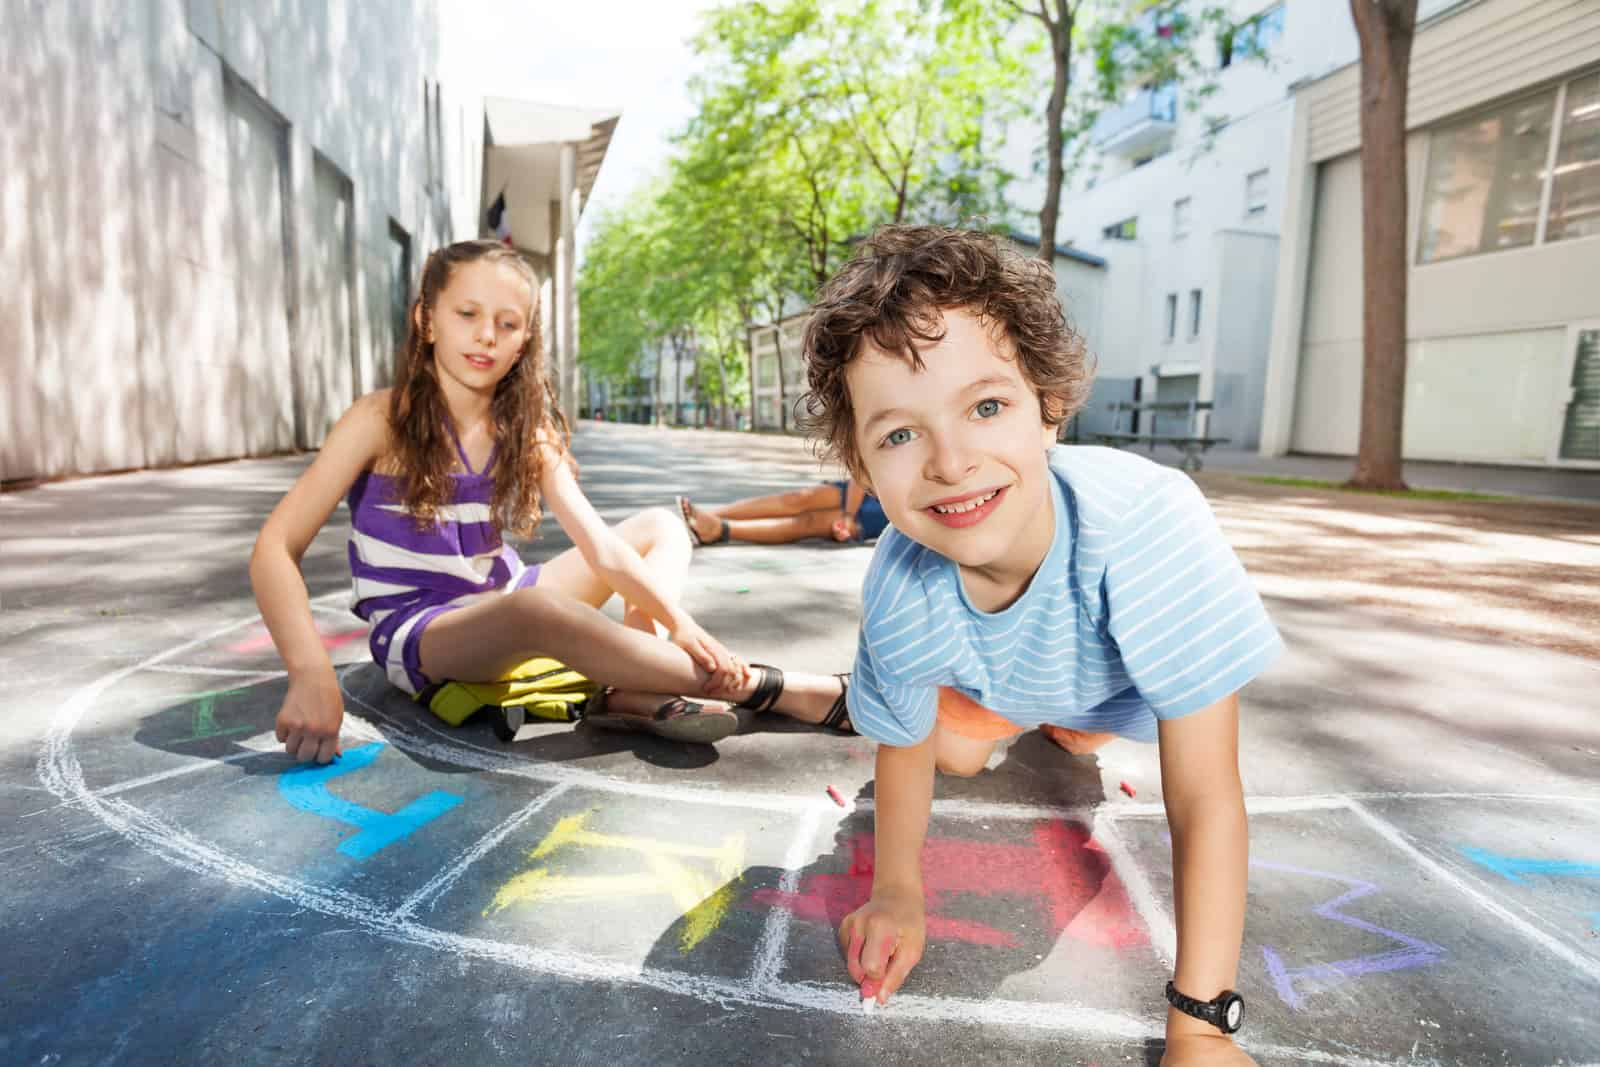 sidewalk chalk hopscotch